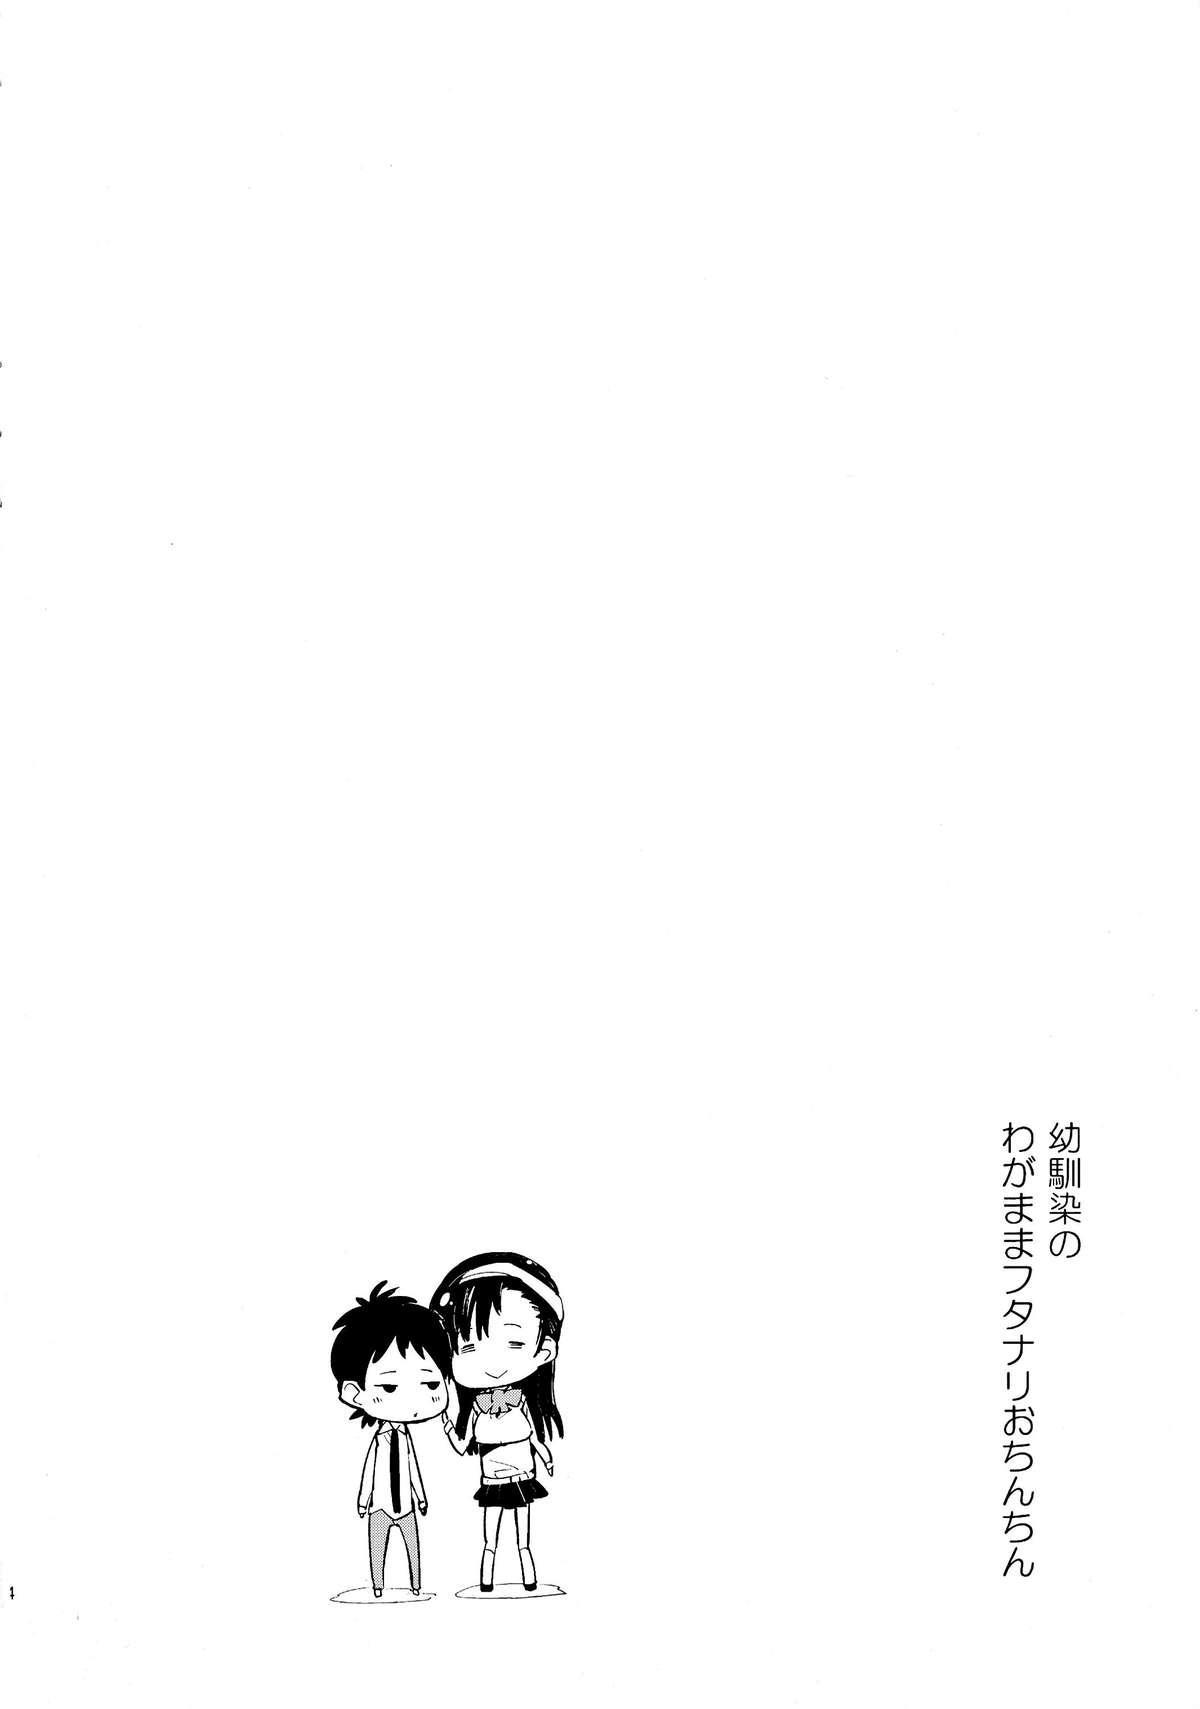 Osananajimi no Wagamama Futanari Ochinchin | My Childhood Friend Has a Selfish Futanari Cock 3